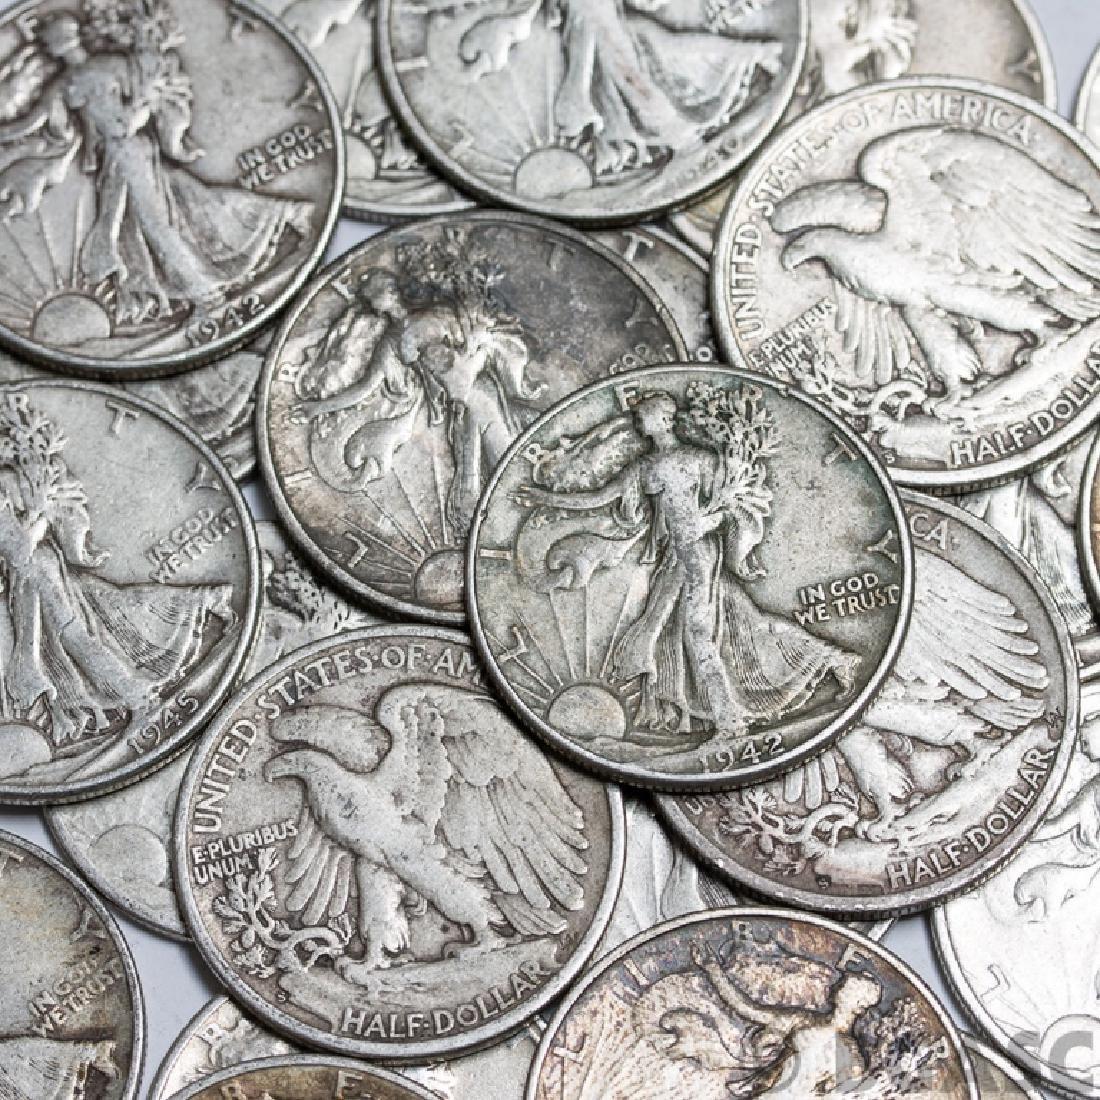 Lot of (50) Walking Liberty Half Dollars - Mixed